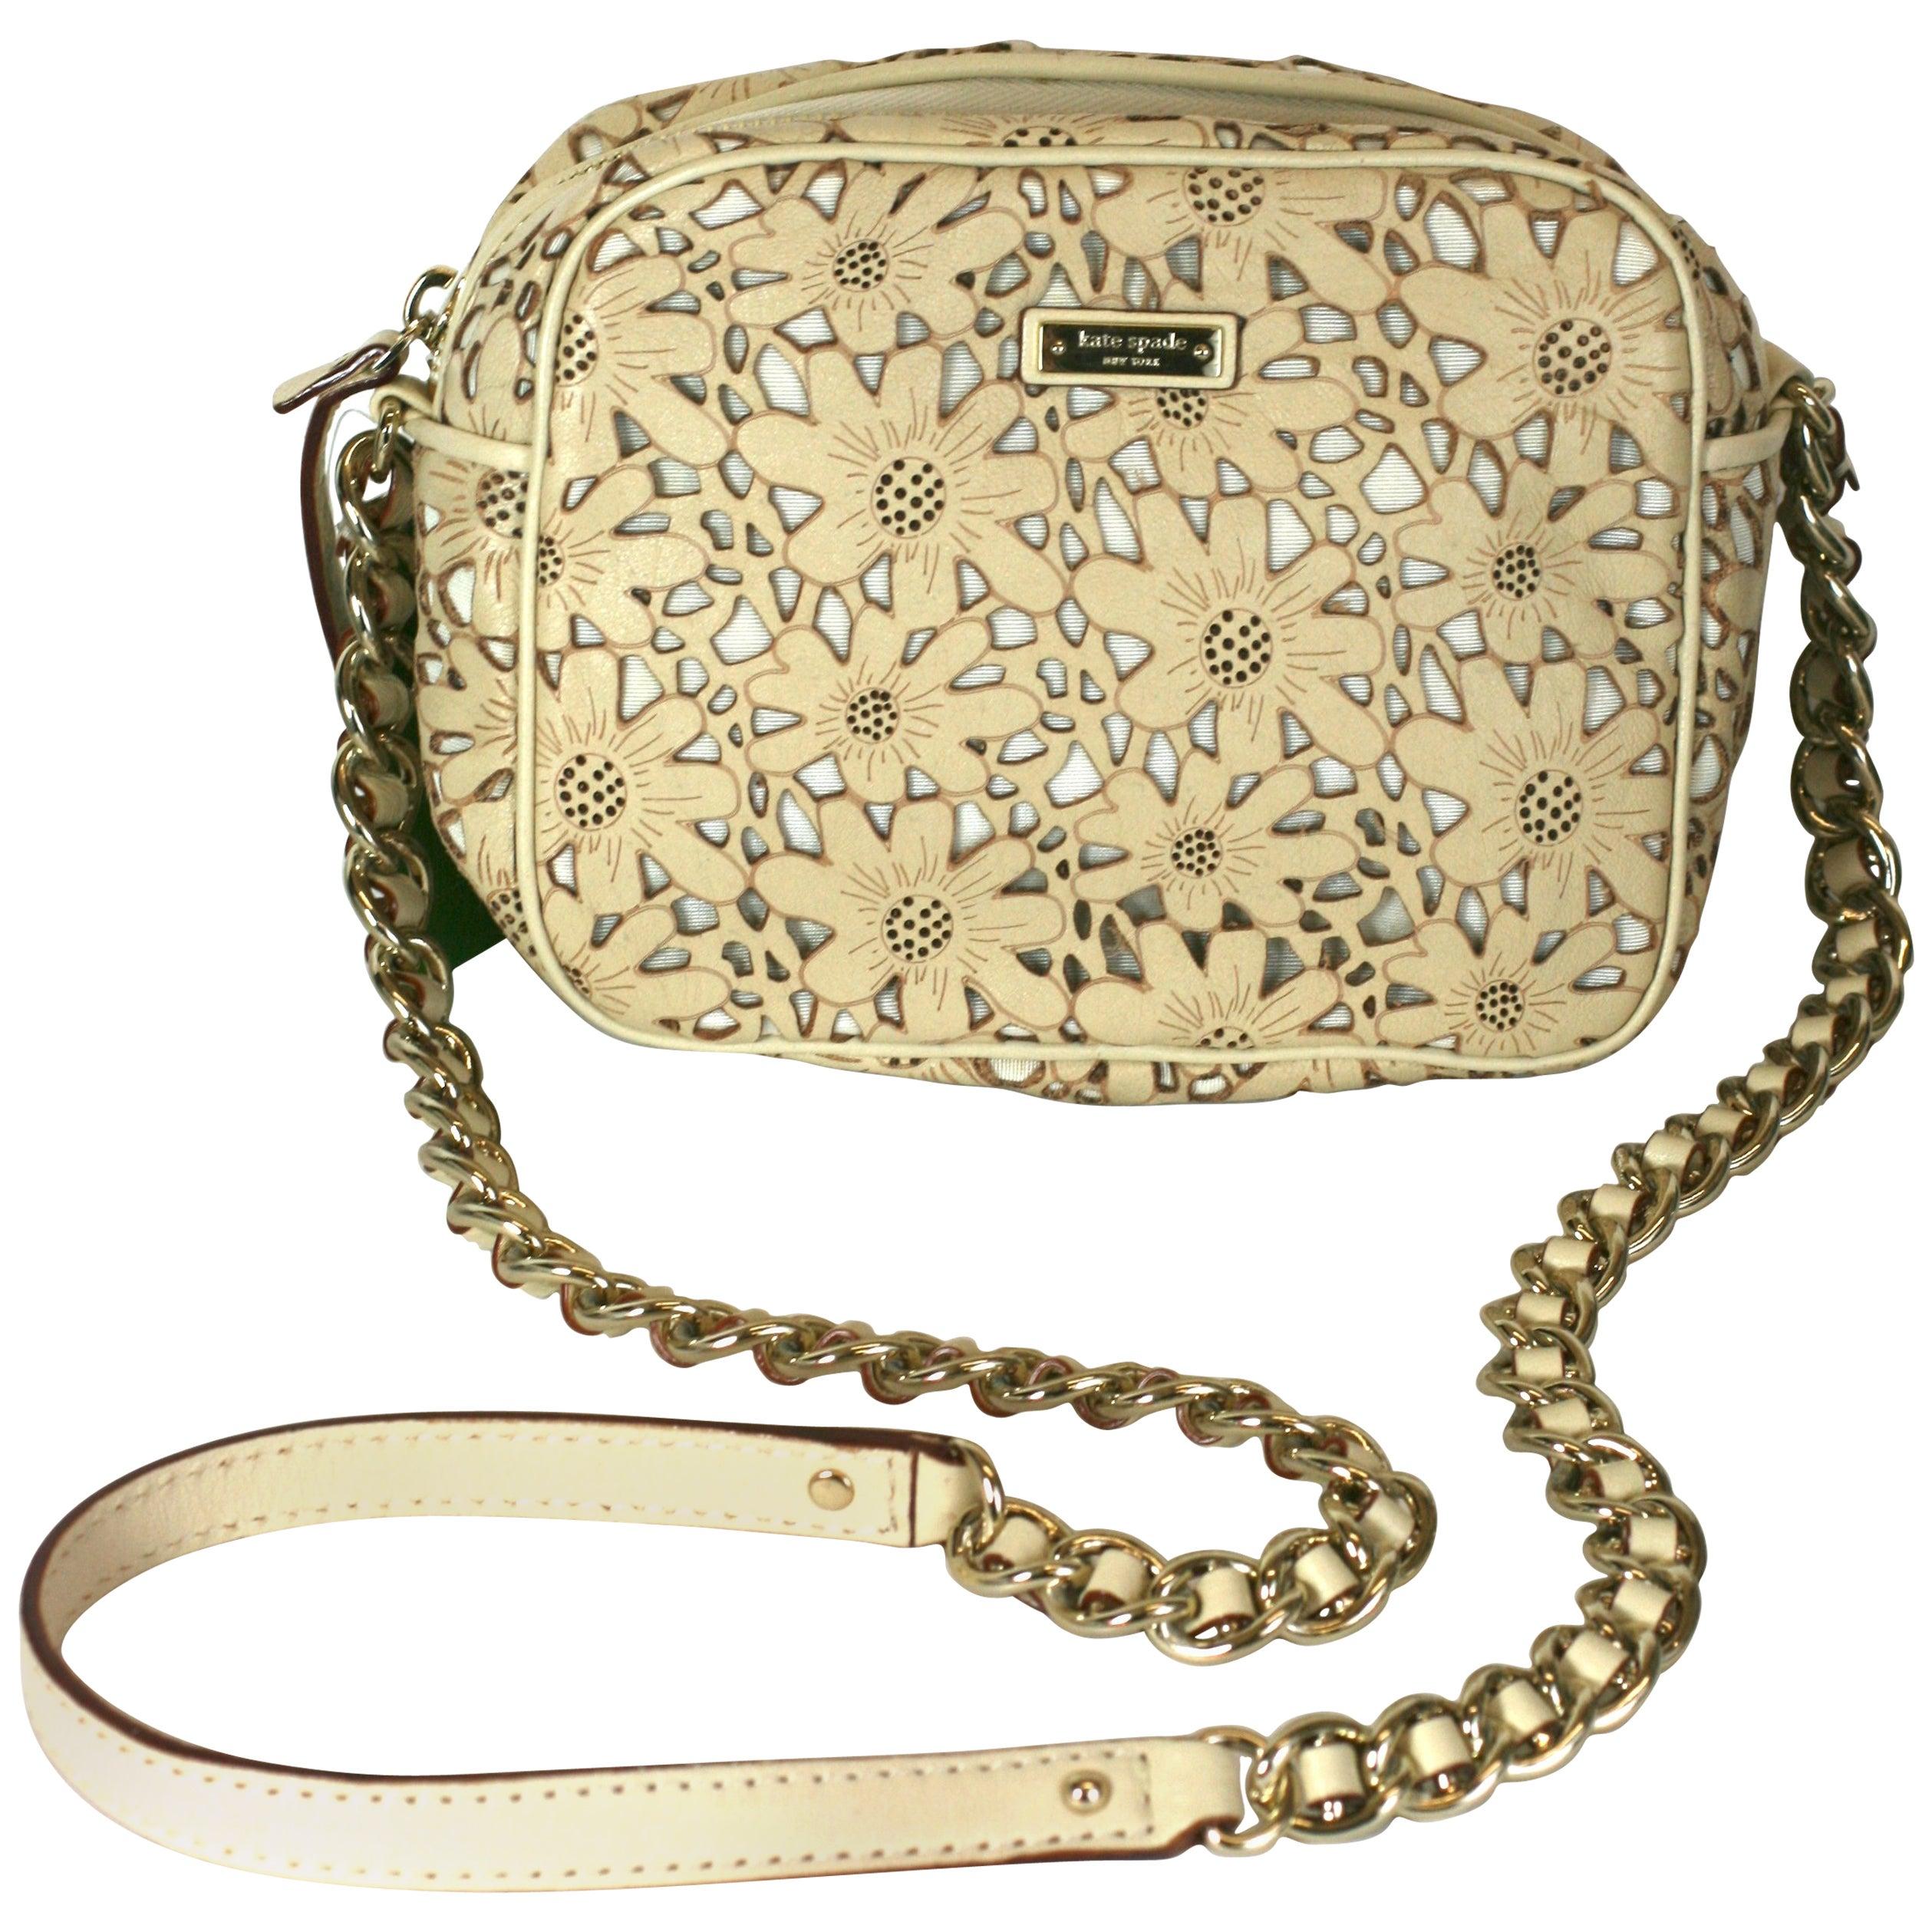 ab46523a5 Kate Spade Laser Cut Floral Bag For Sale at 1stdibs